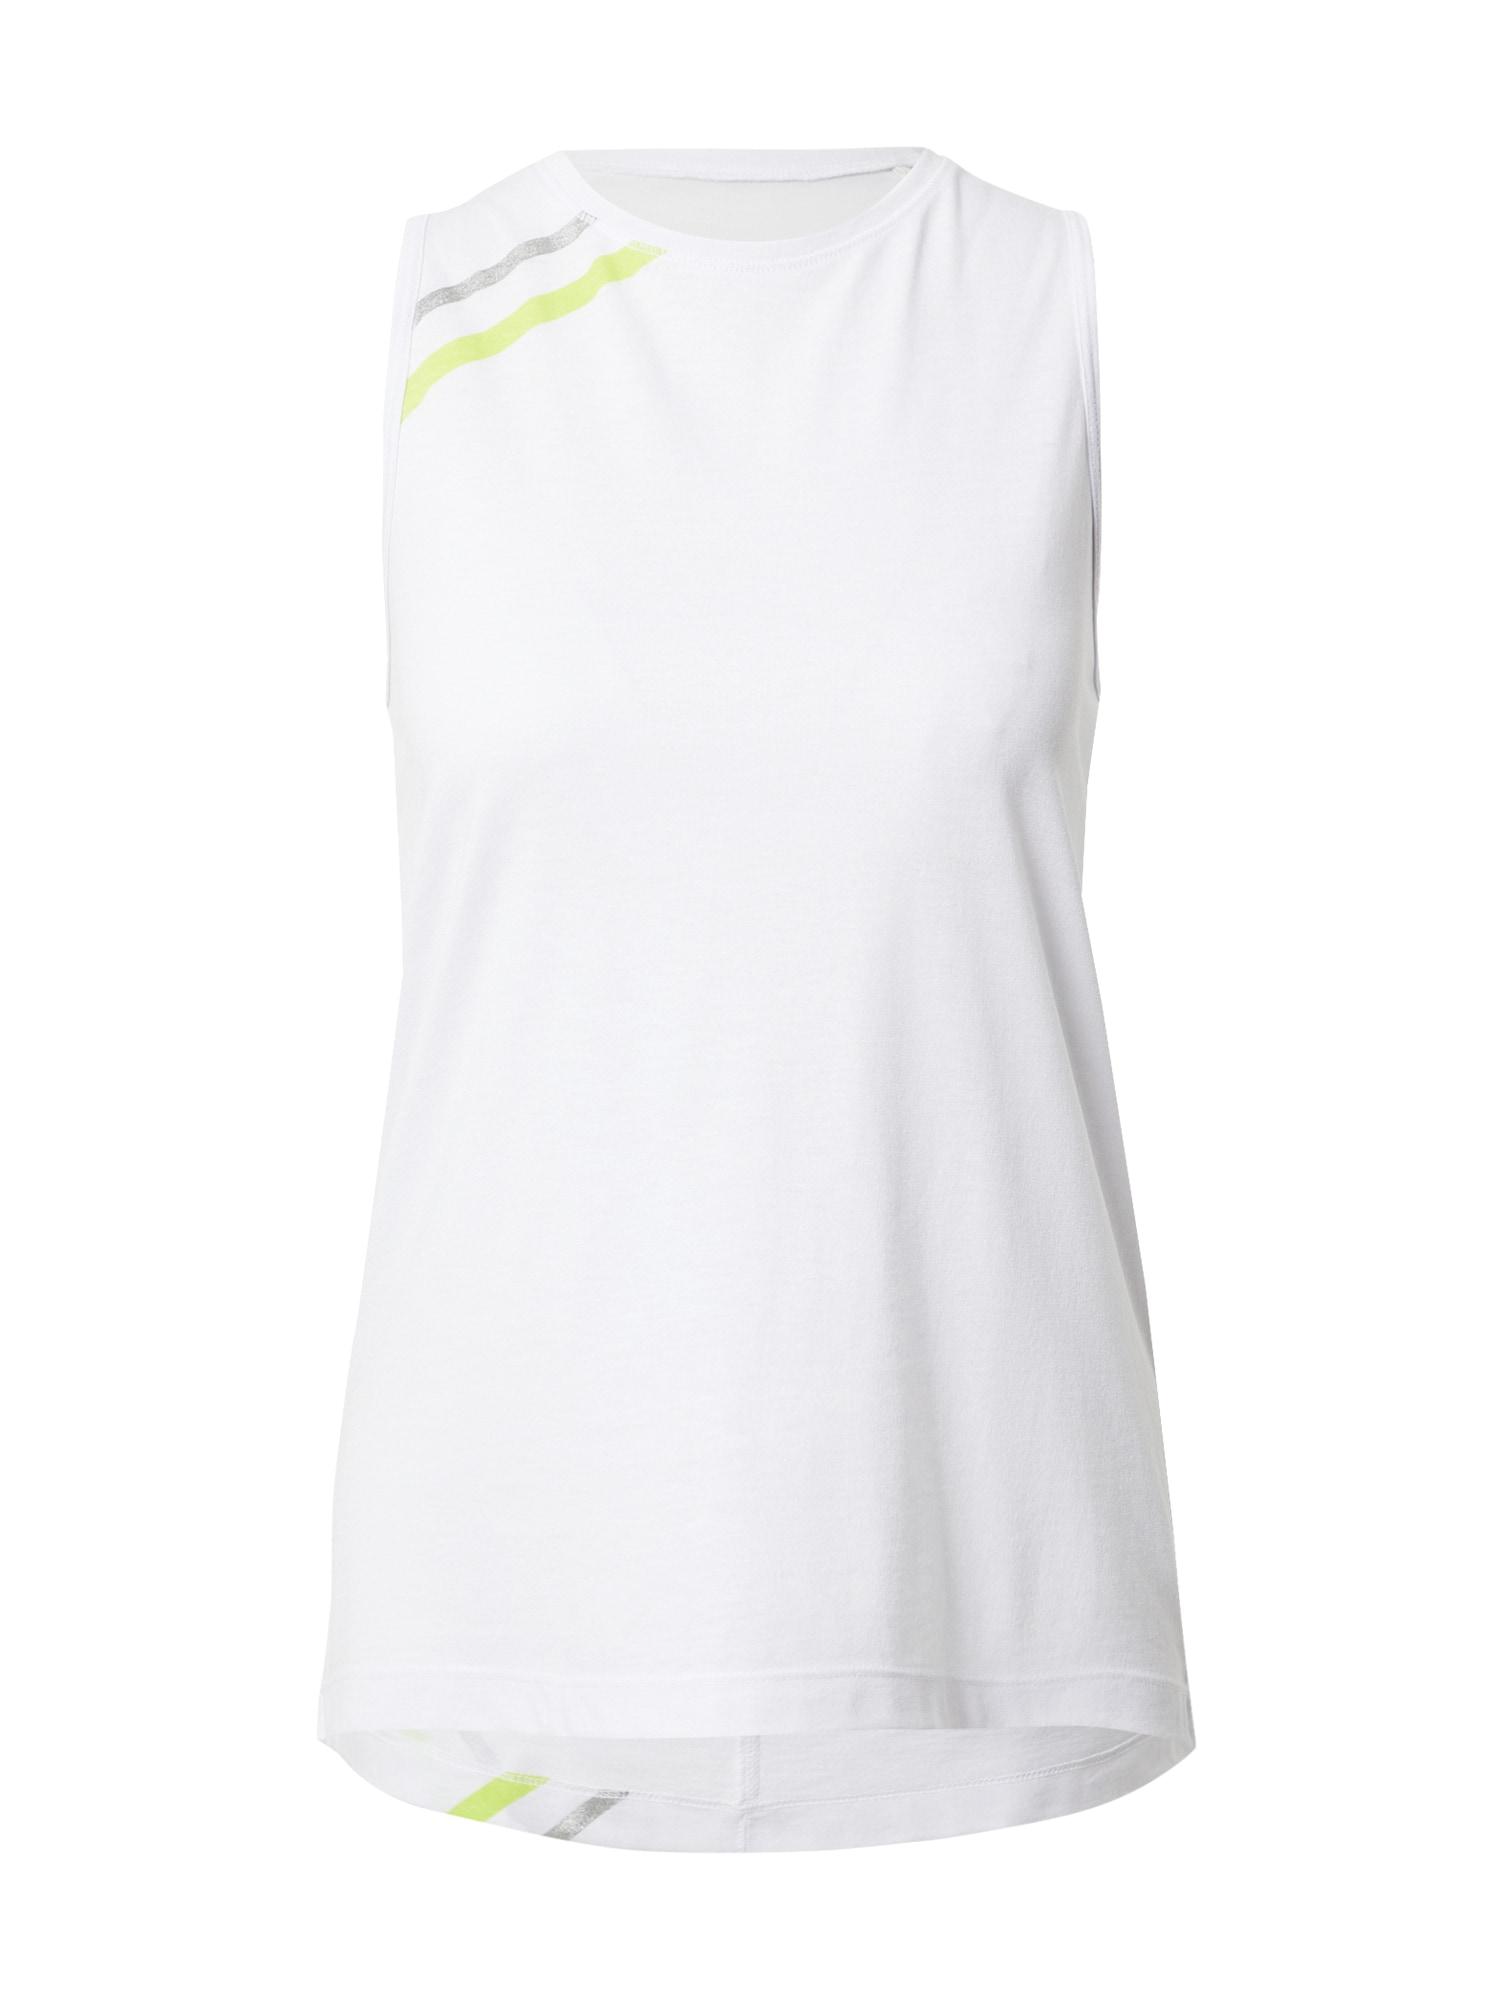 ESPRIT SPORT Sportiniai marškinėliai be rankovių balta / obuolių spalva / margai pilka